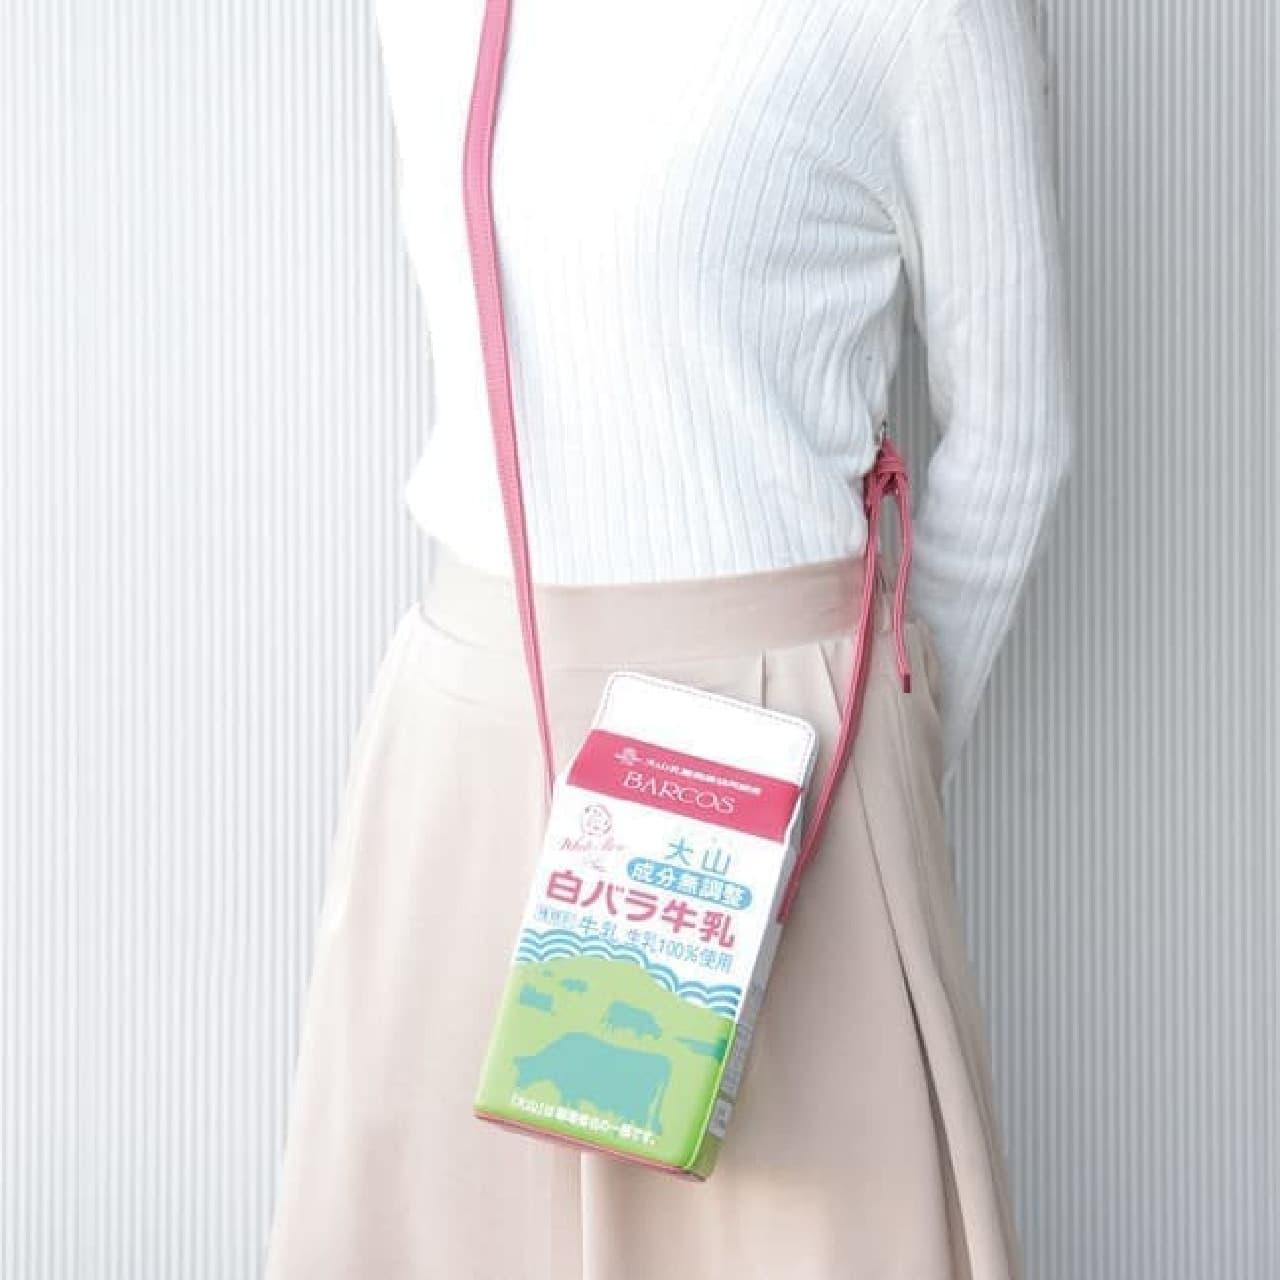 可愛い牛乳パック型♪ 白バラ牛乳ポシェット&白バラコーヒーポシェット